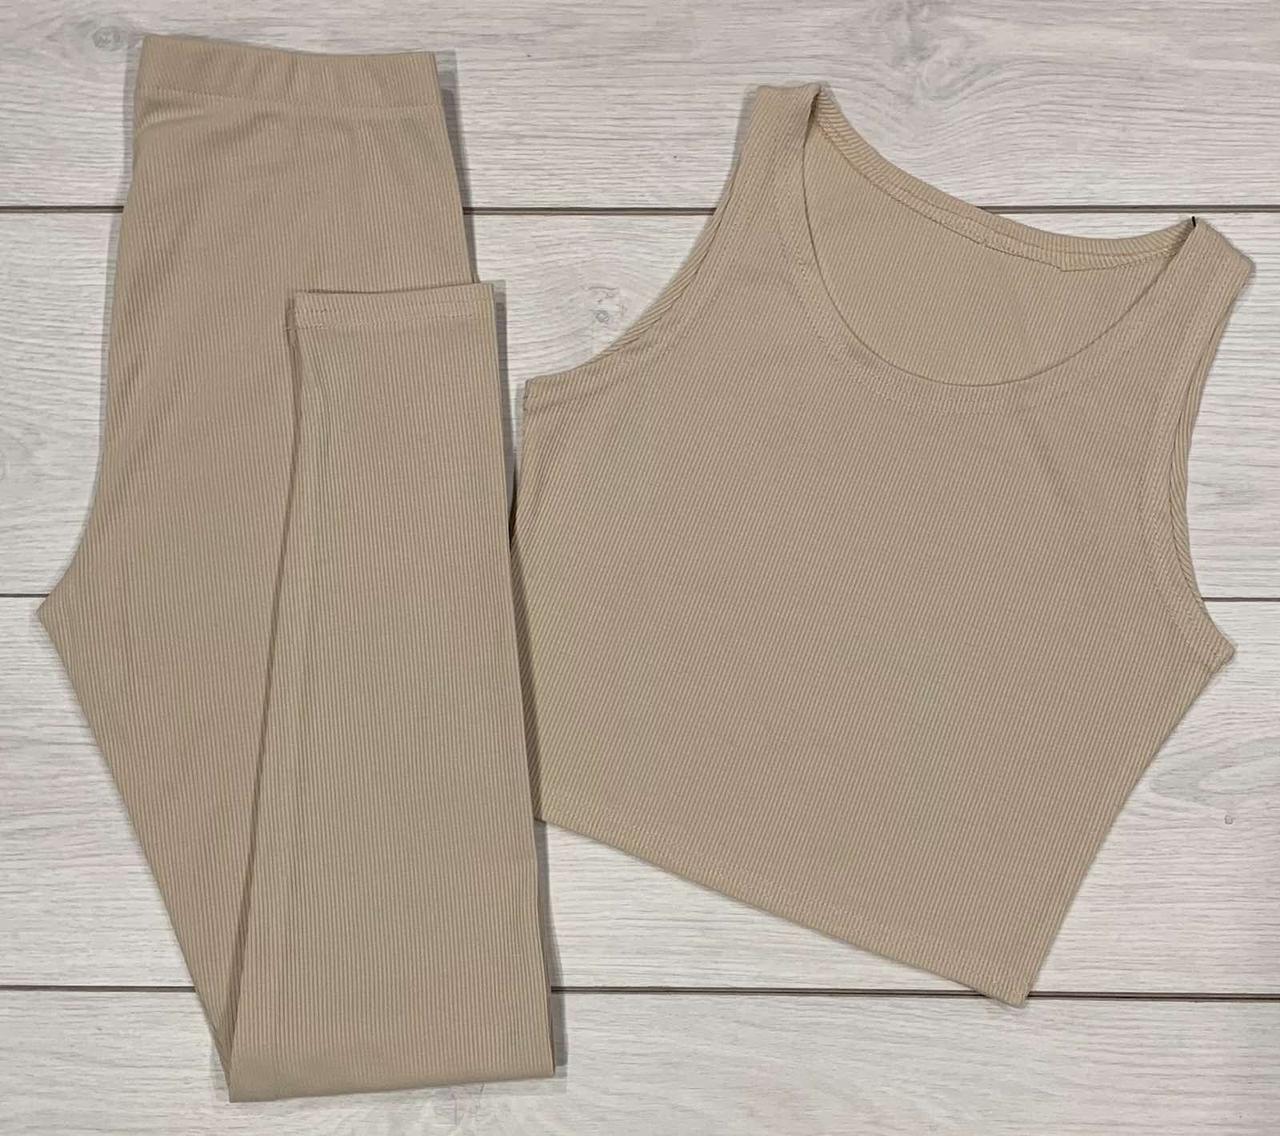 Жіночий комплект майка+лосини з тканини рубчик.